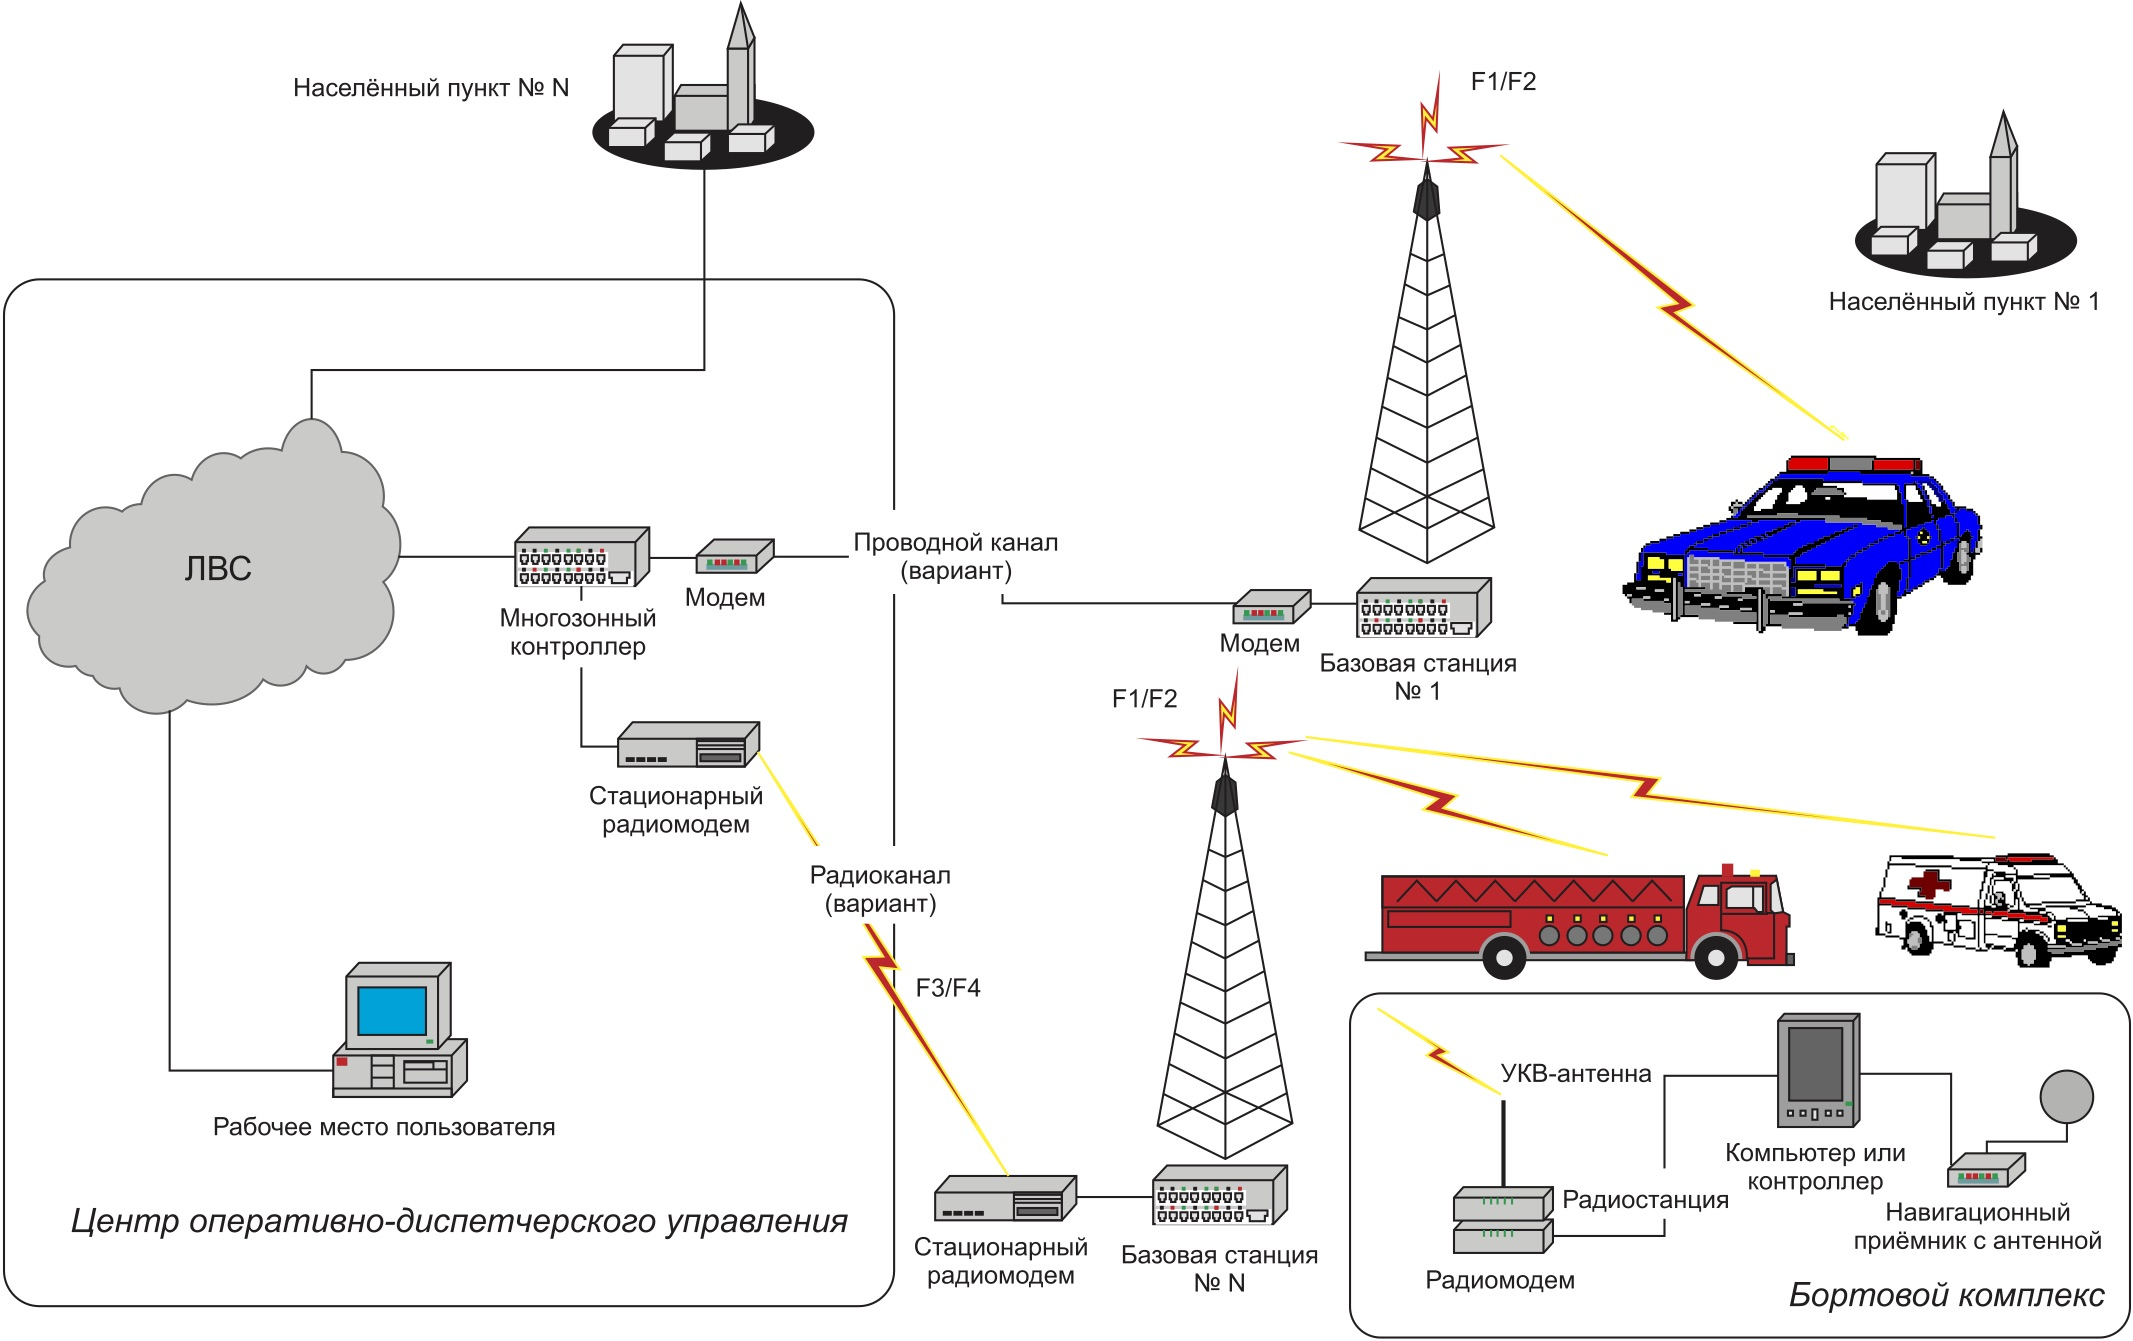 Типовая схема подвижной радиосети обмена данными (вариант)